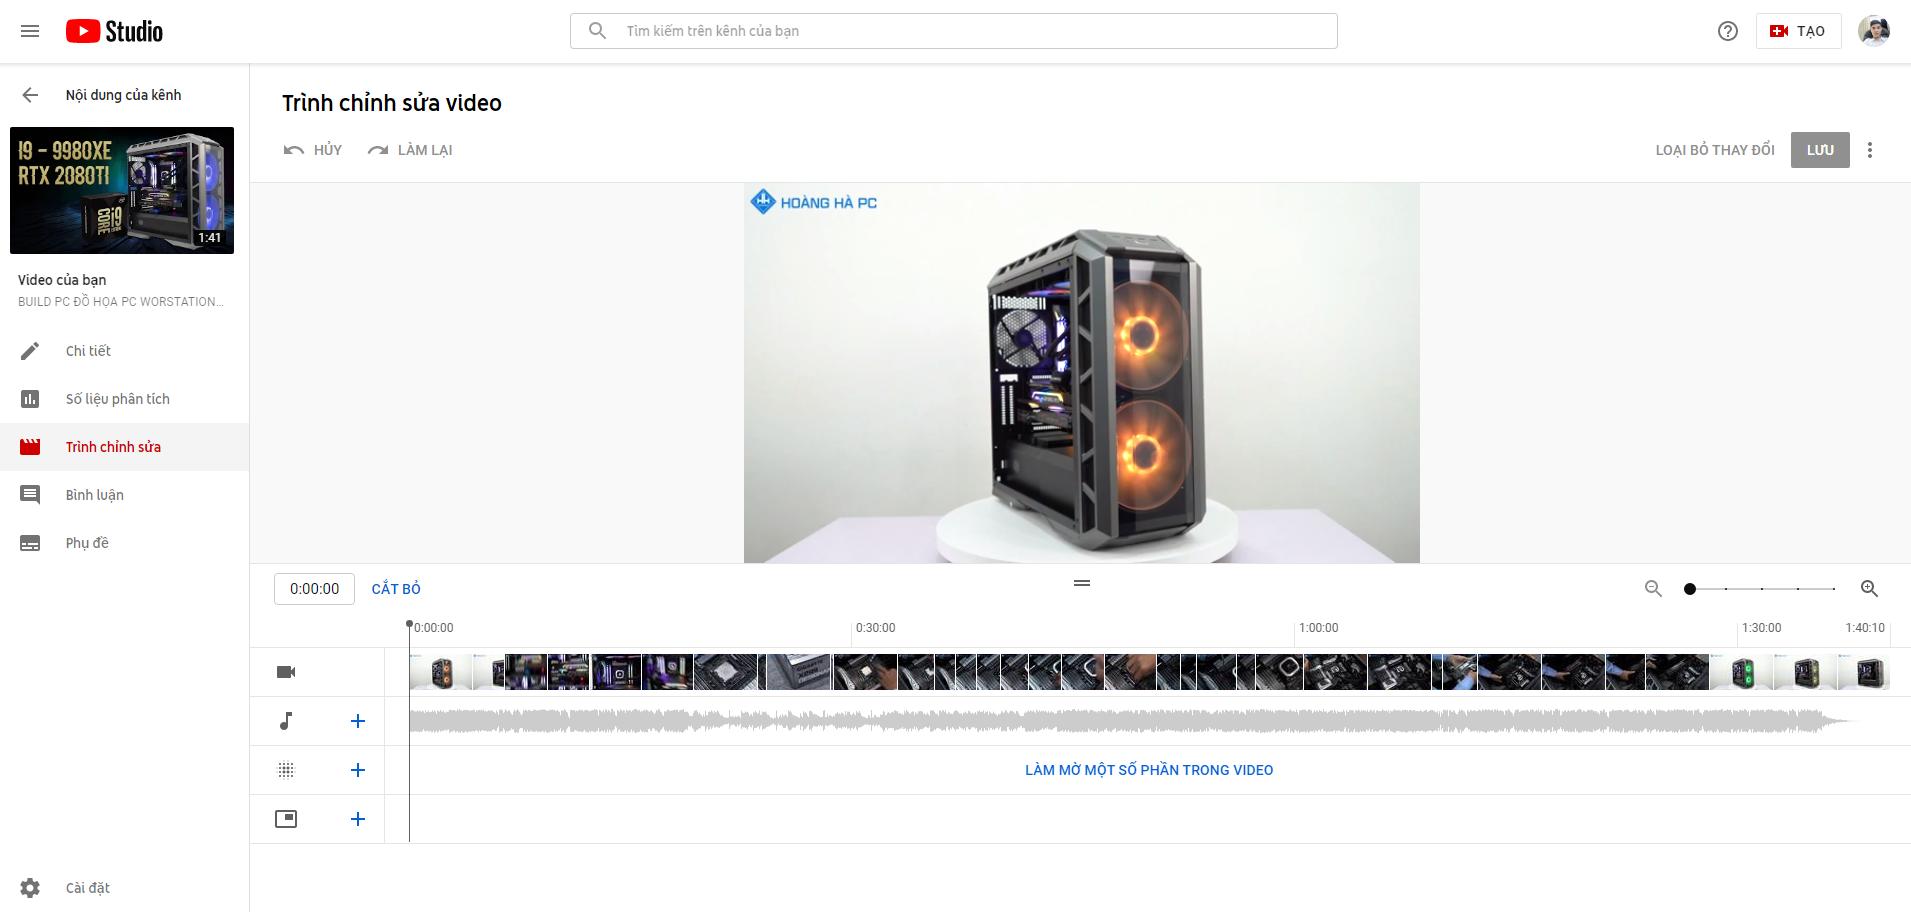 Ghép nhạc trực tuyến bằng youtube